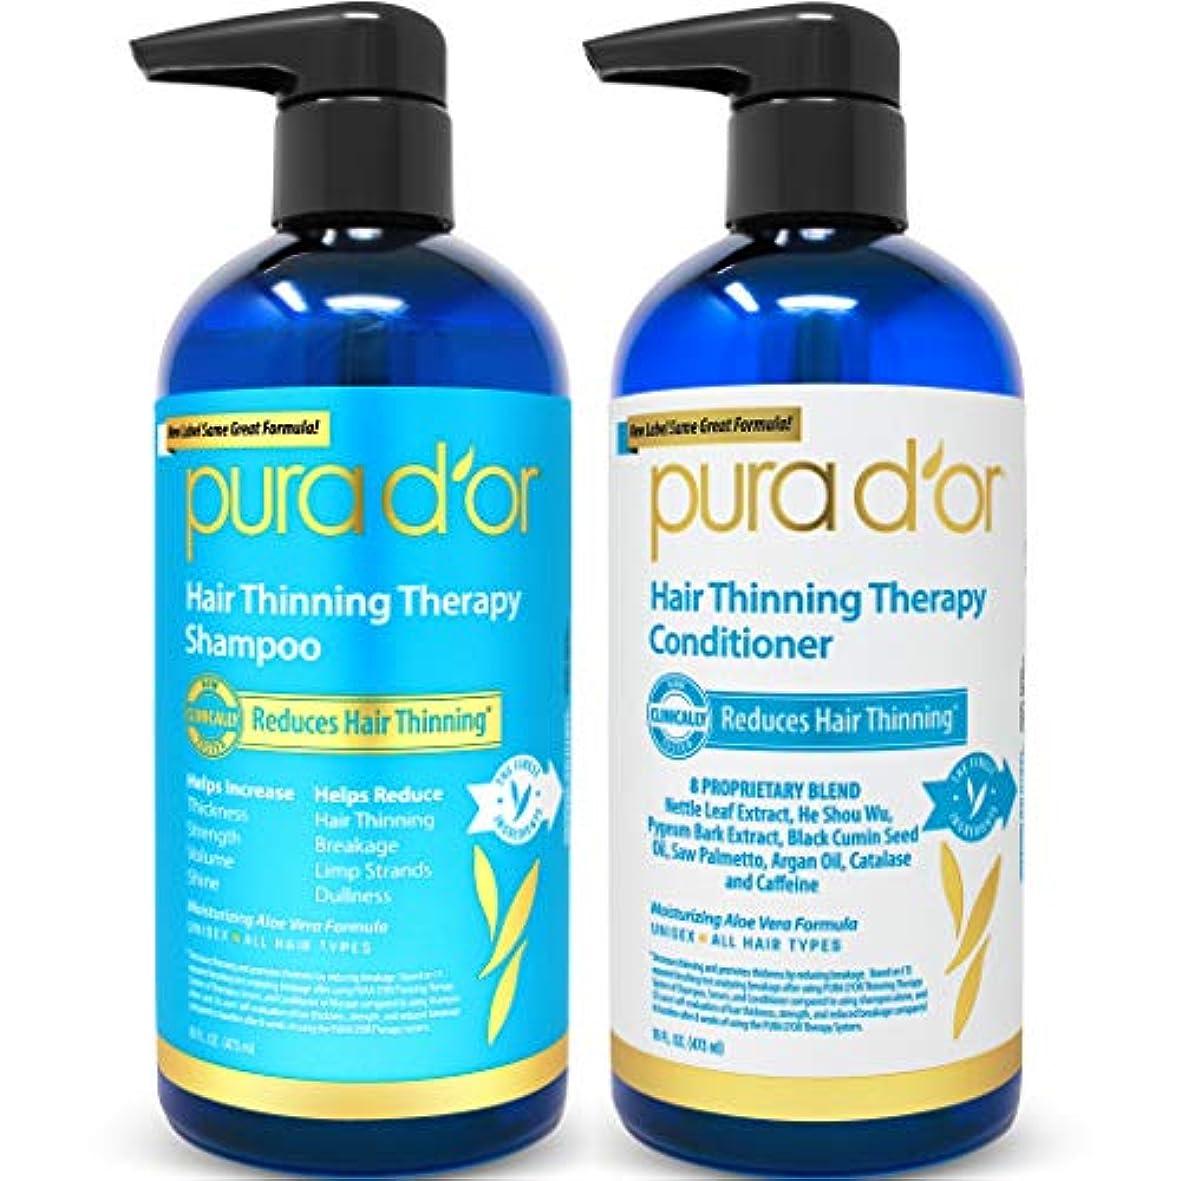 ピュー結紮原子炉PURA D'OR 薄毛セラピー 保護セット オルガンオイル、ビオチン&天然成分配合、全ての髪質に、男性にも女性にも(パッケージが異なる場合があります) シャンプー&コンディショナー